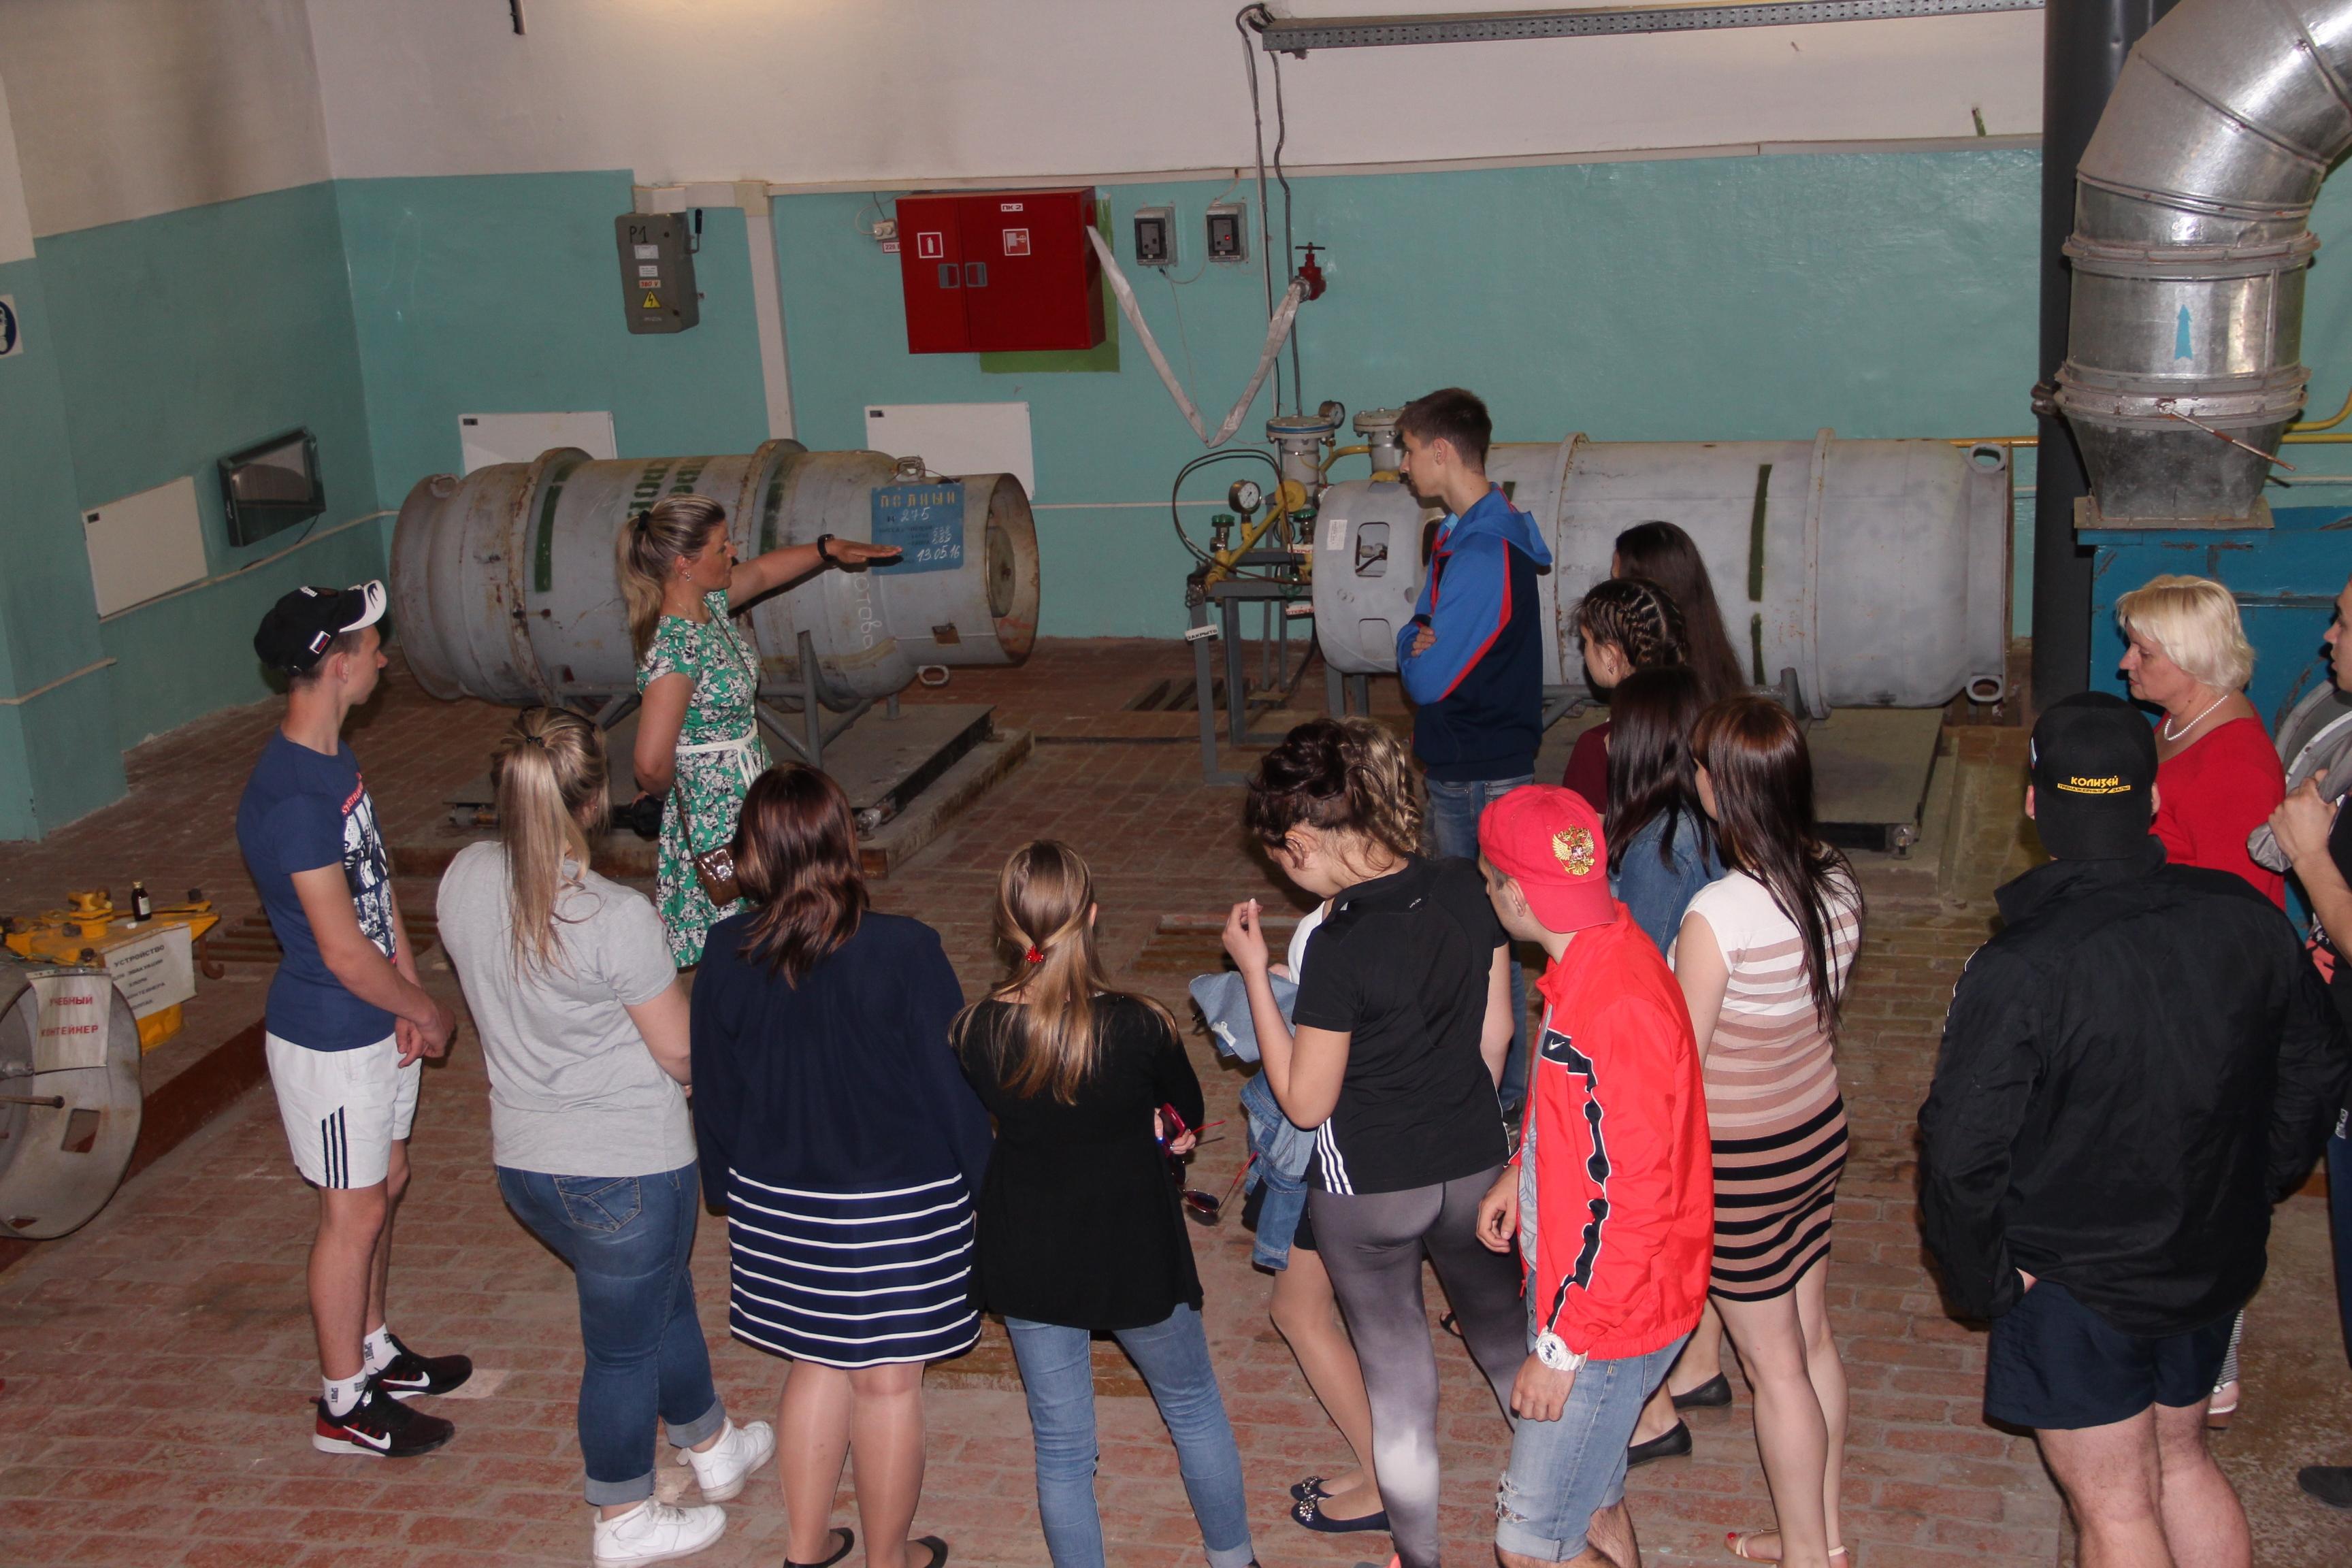 Заместитель начальника цеха водозаборных сооружений – технолог Марина Яковлева знакомит студентов с принципами работы хлораторной станции.